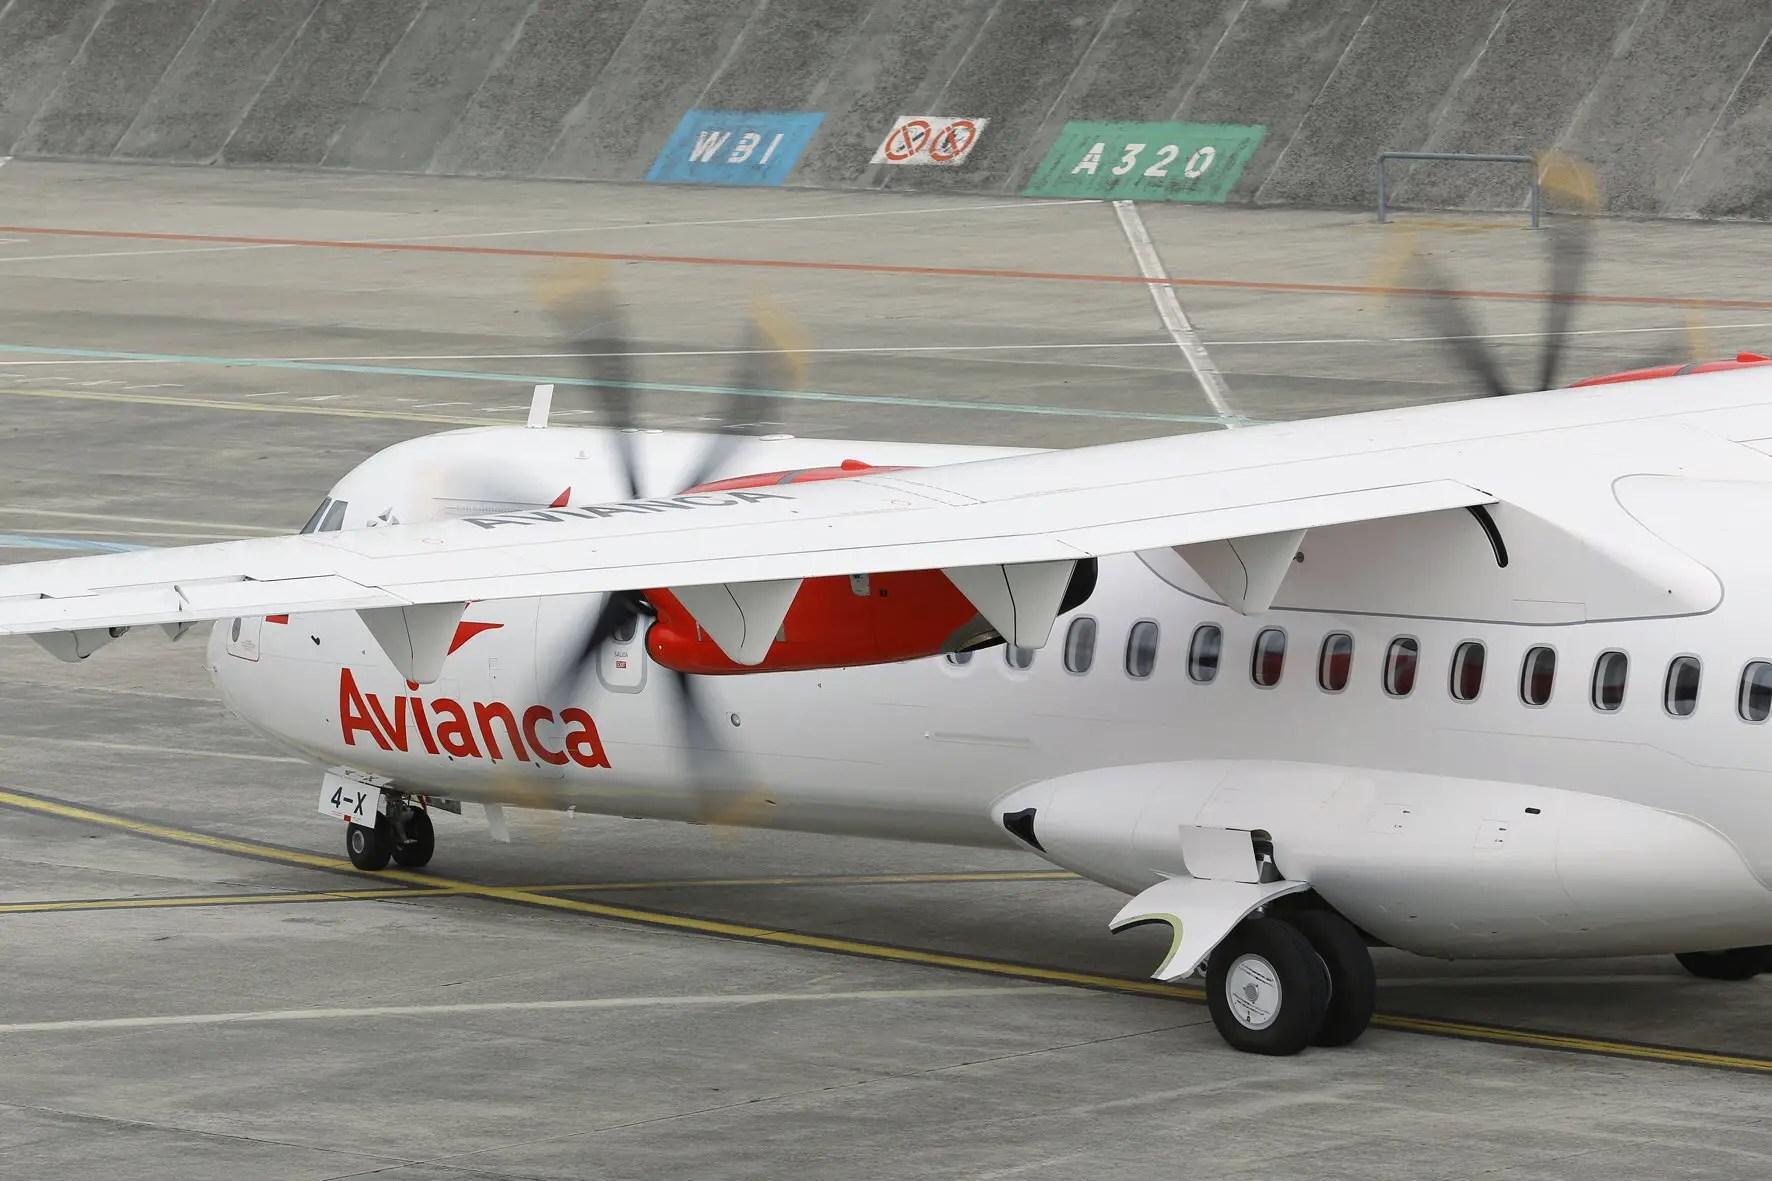 https://i2.wp.com/www.aviacionline.com/wp-content/uploads/2016/11/Avianca-Argentina-ATR-72-600.jpg